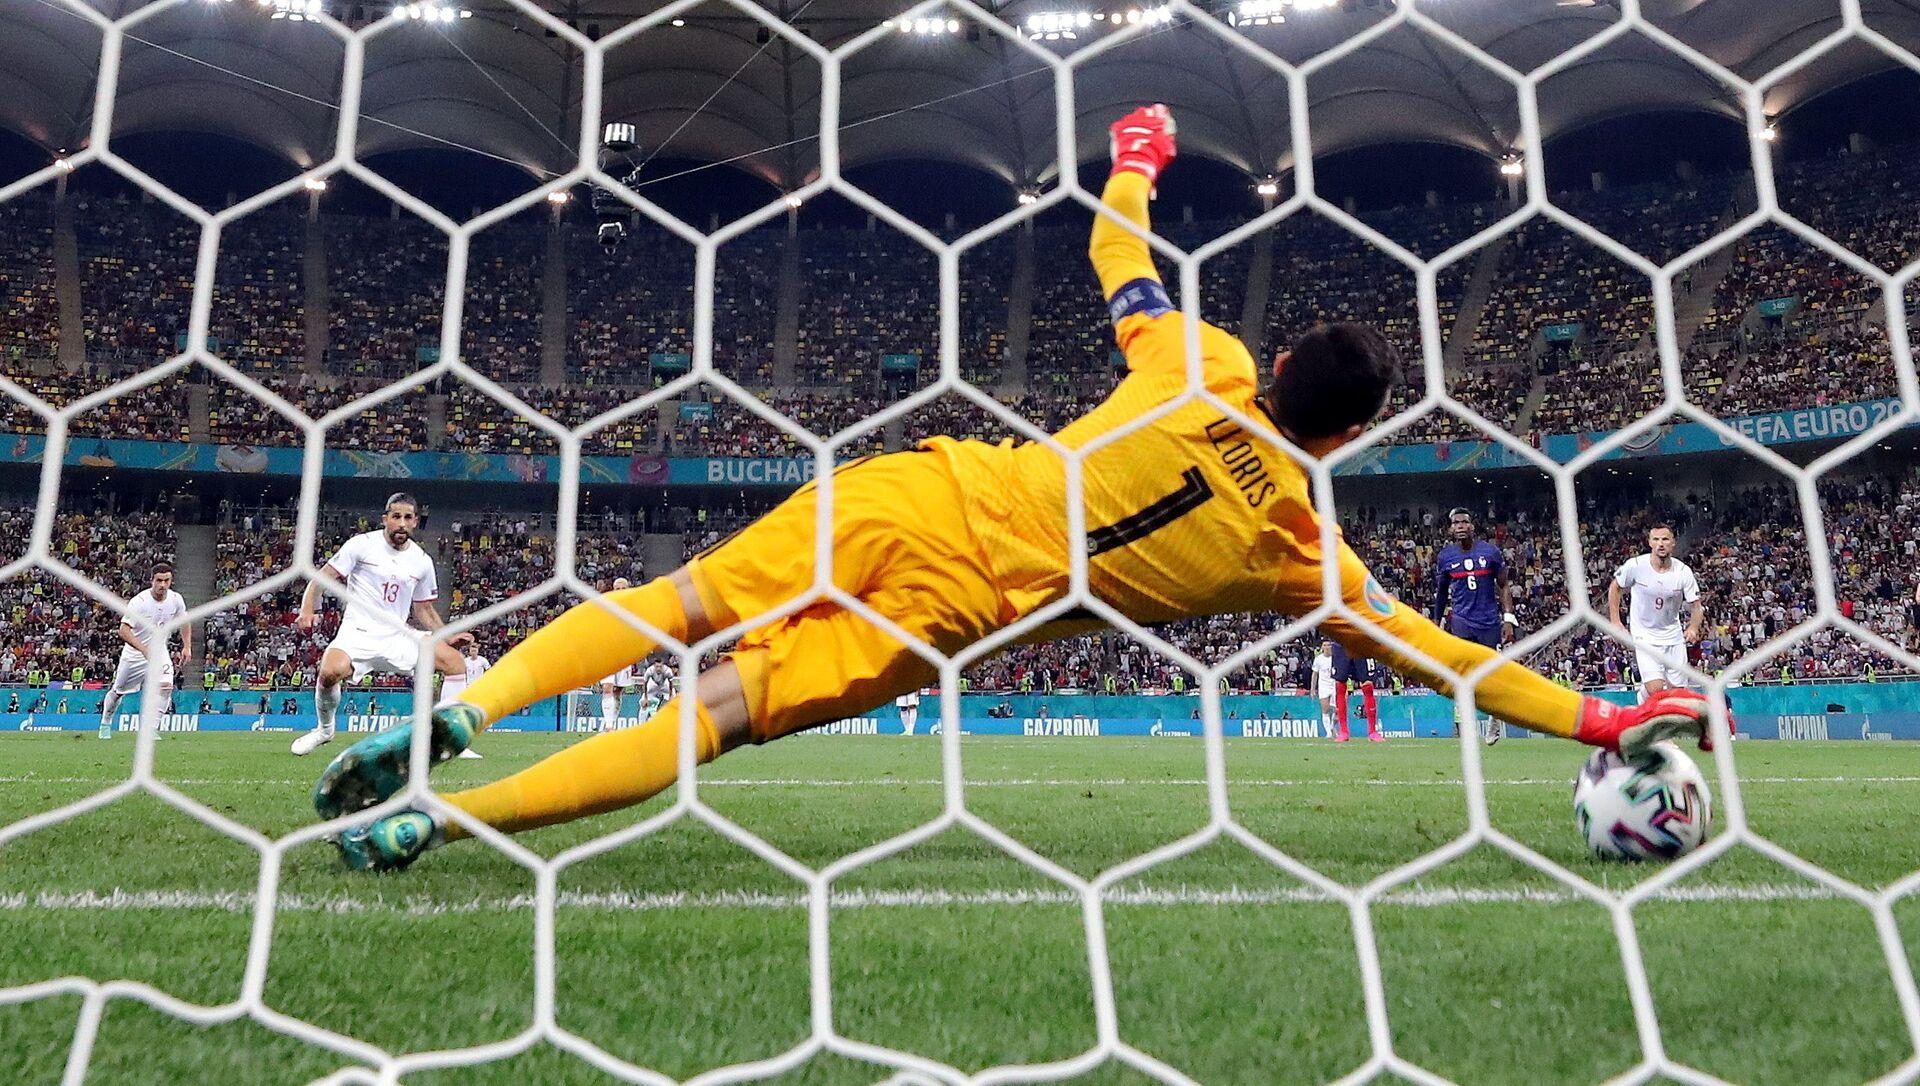 Thủ môn Pháp Hugo Lloris thực hiện một quả phạt đền trong trận đấu Euro 2020 giữa Pháp và Thụy Sĩ tại sân vận động quốc gia ở Bucharest, Romania - Sputnik Việt Nam, 1920, 01.07.2021